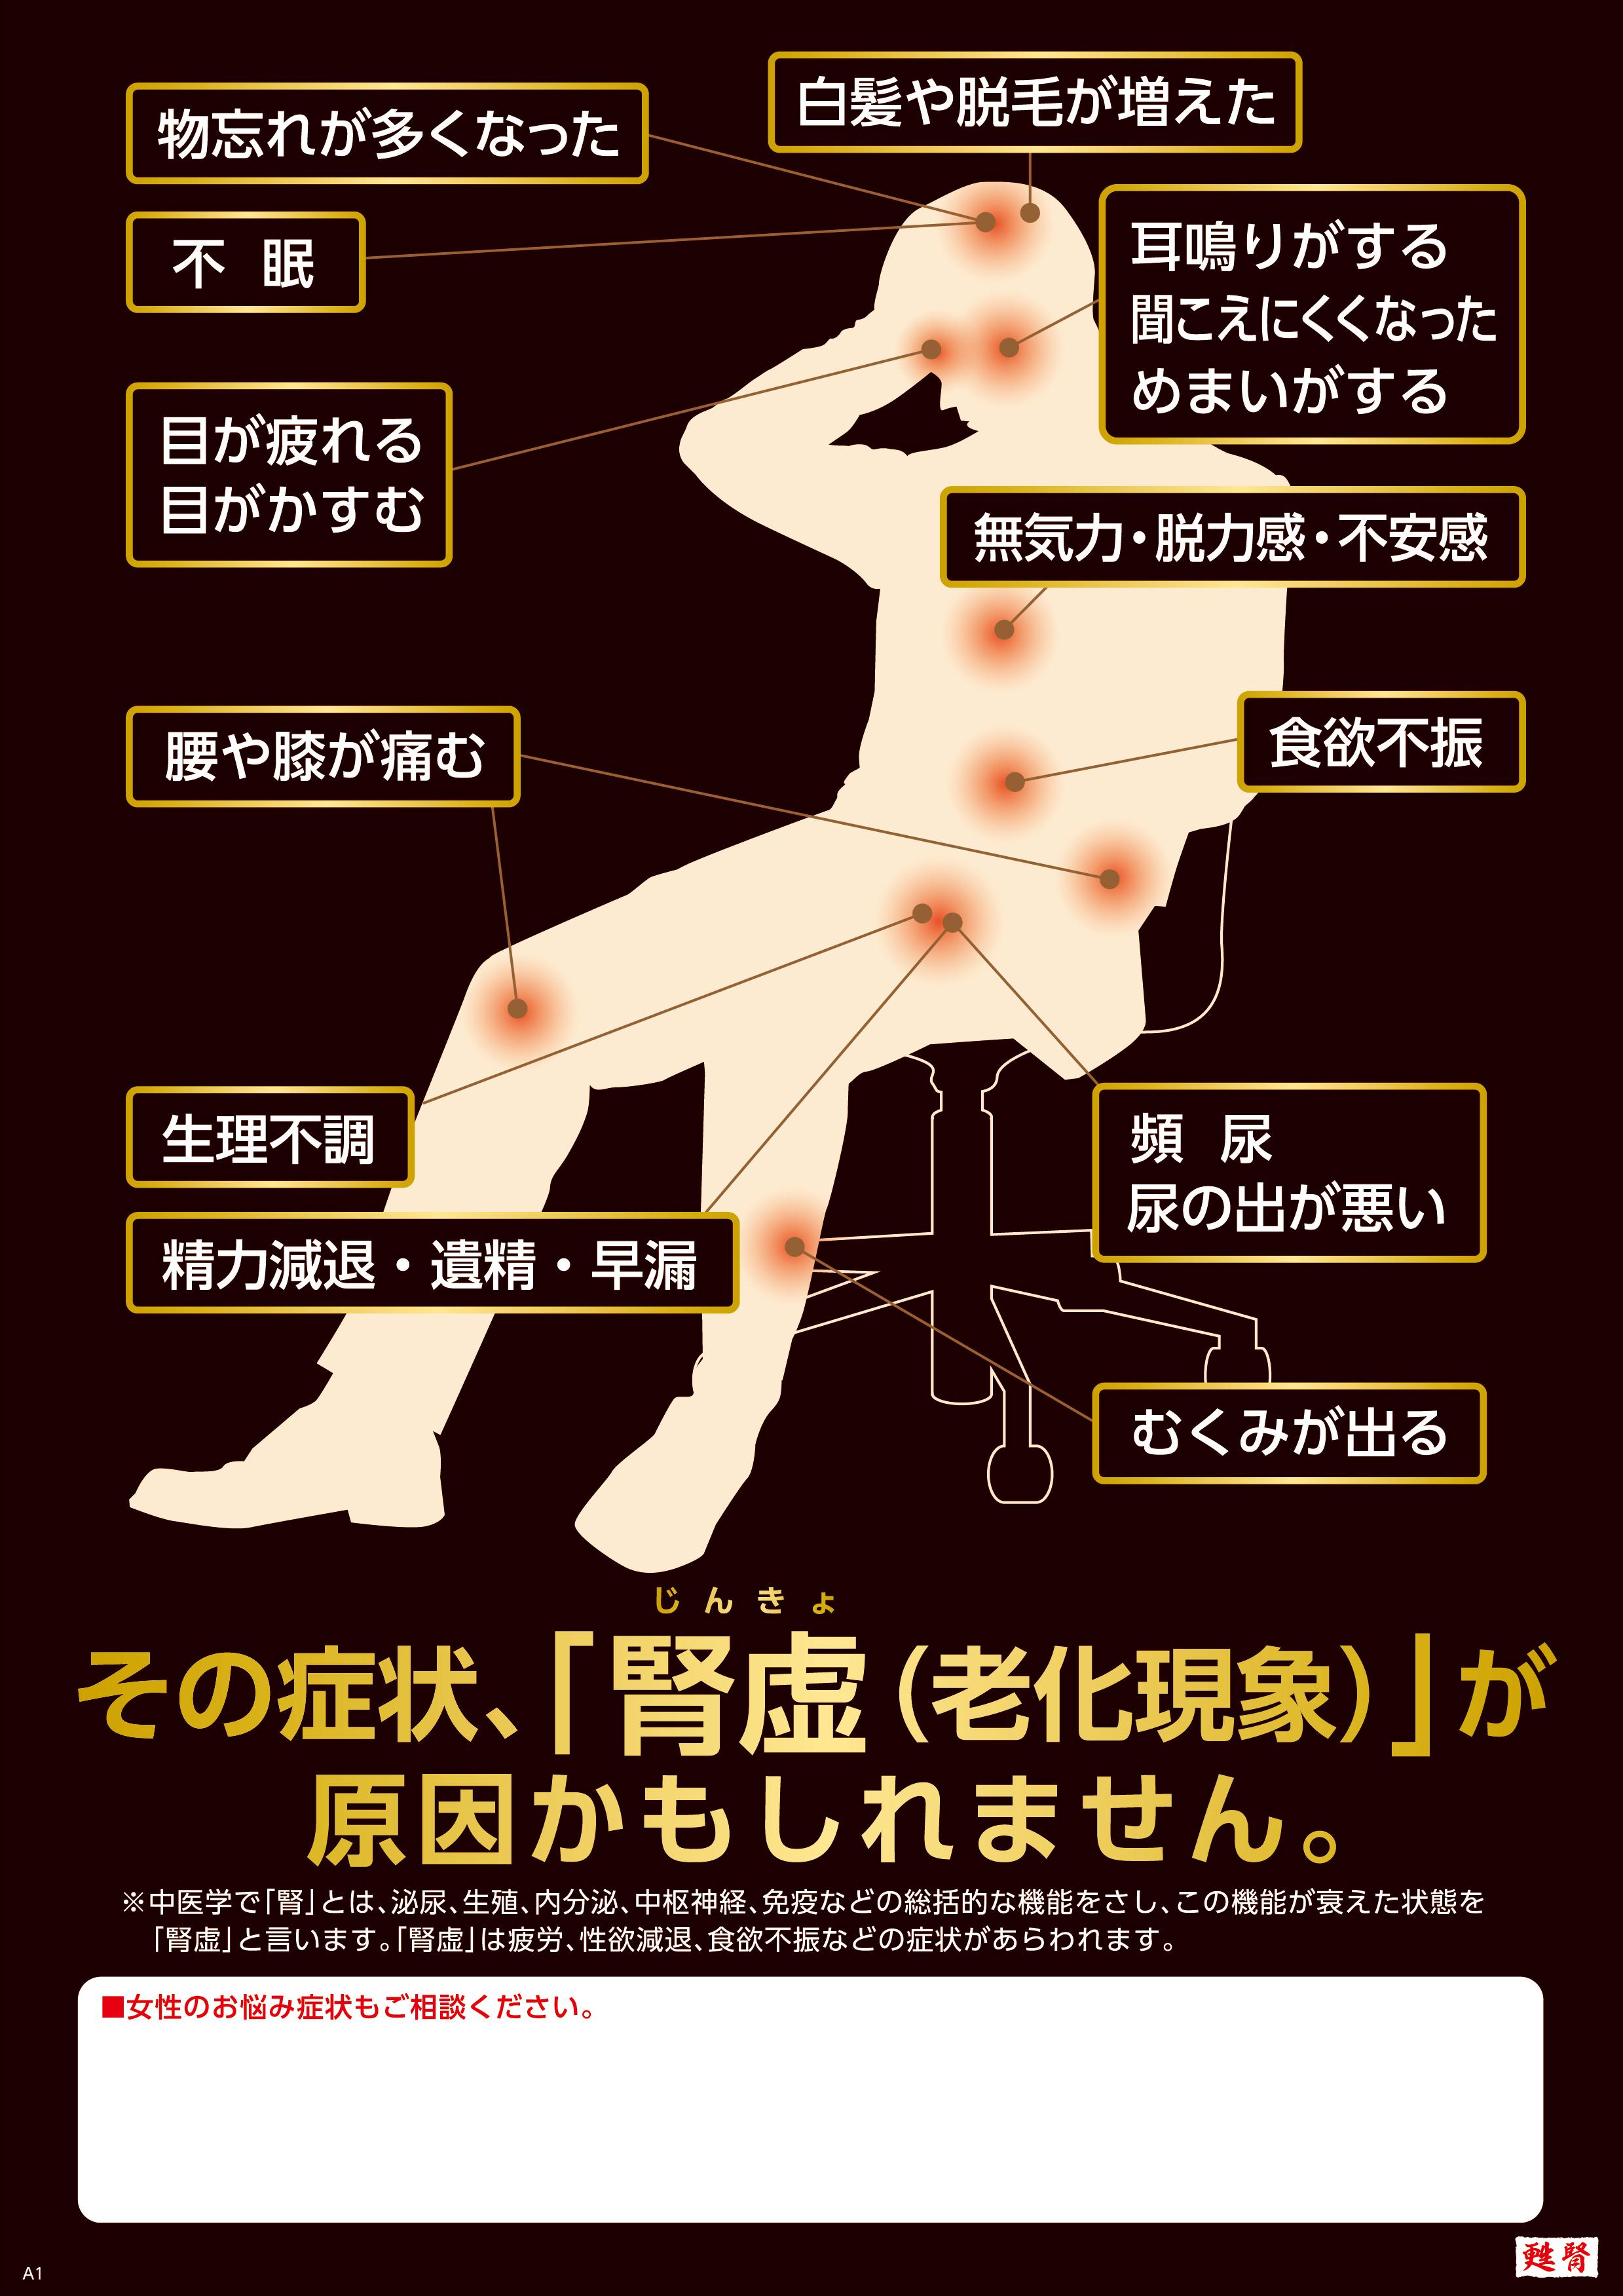 腎虚人体ポスターA4.jpg